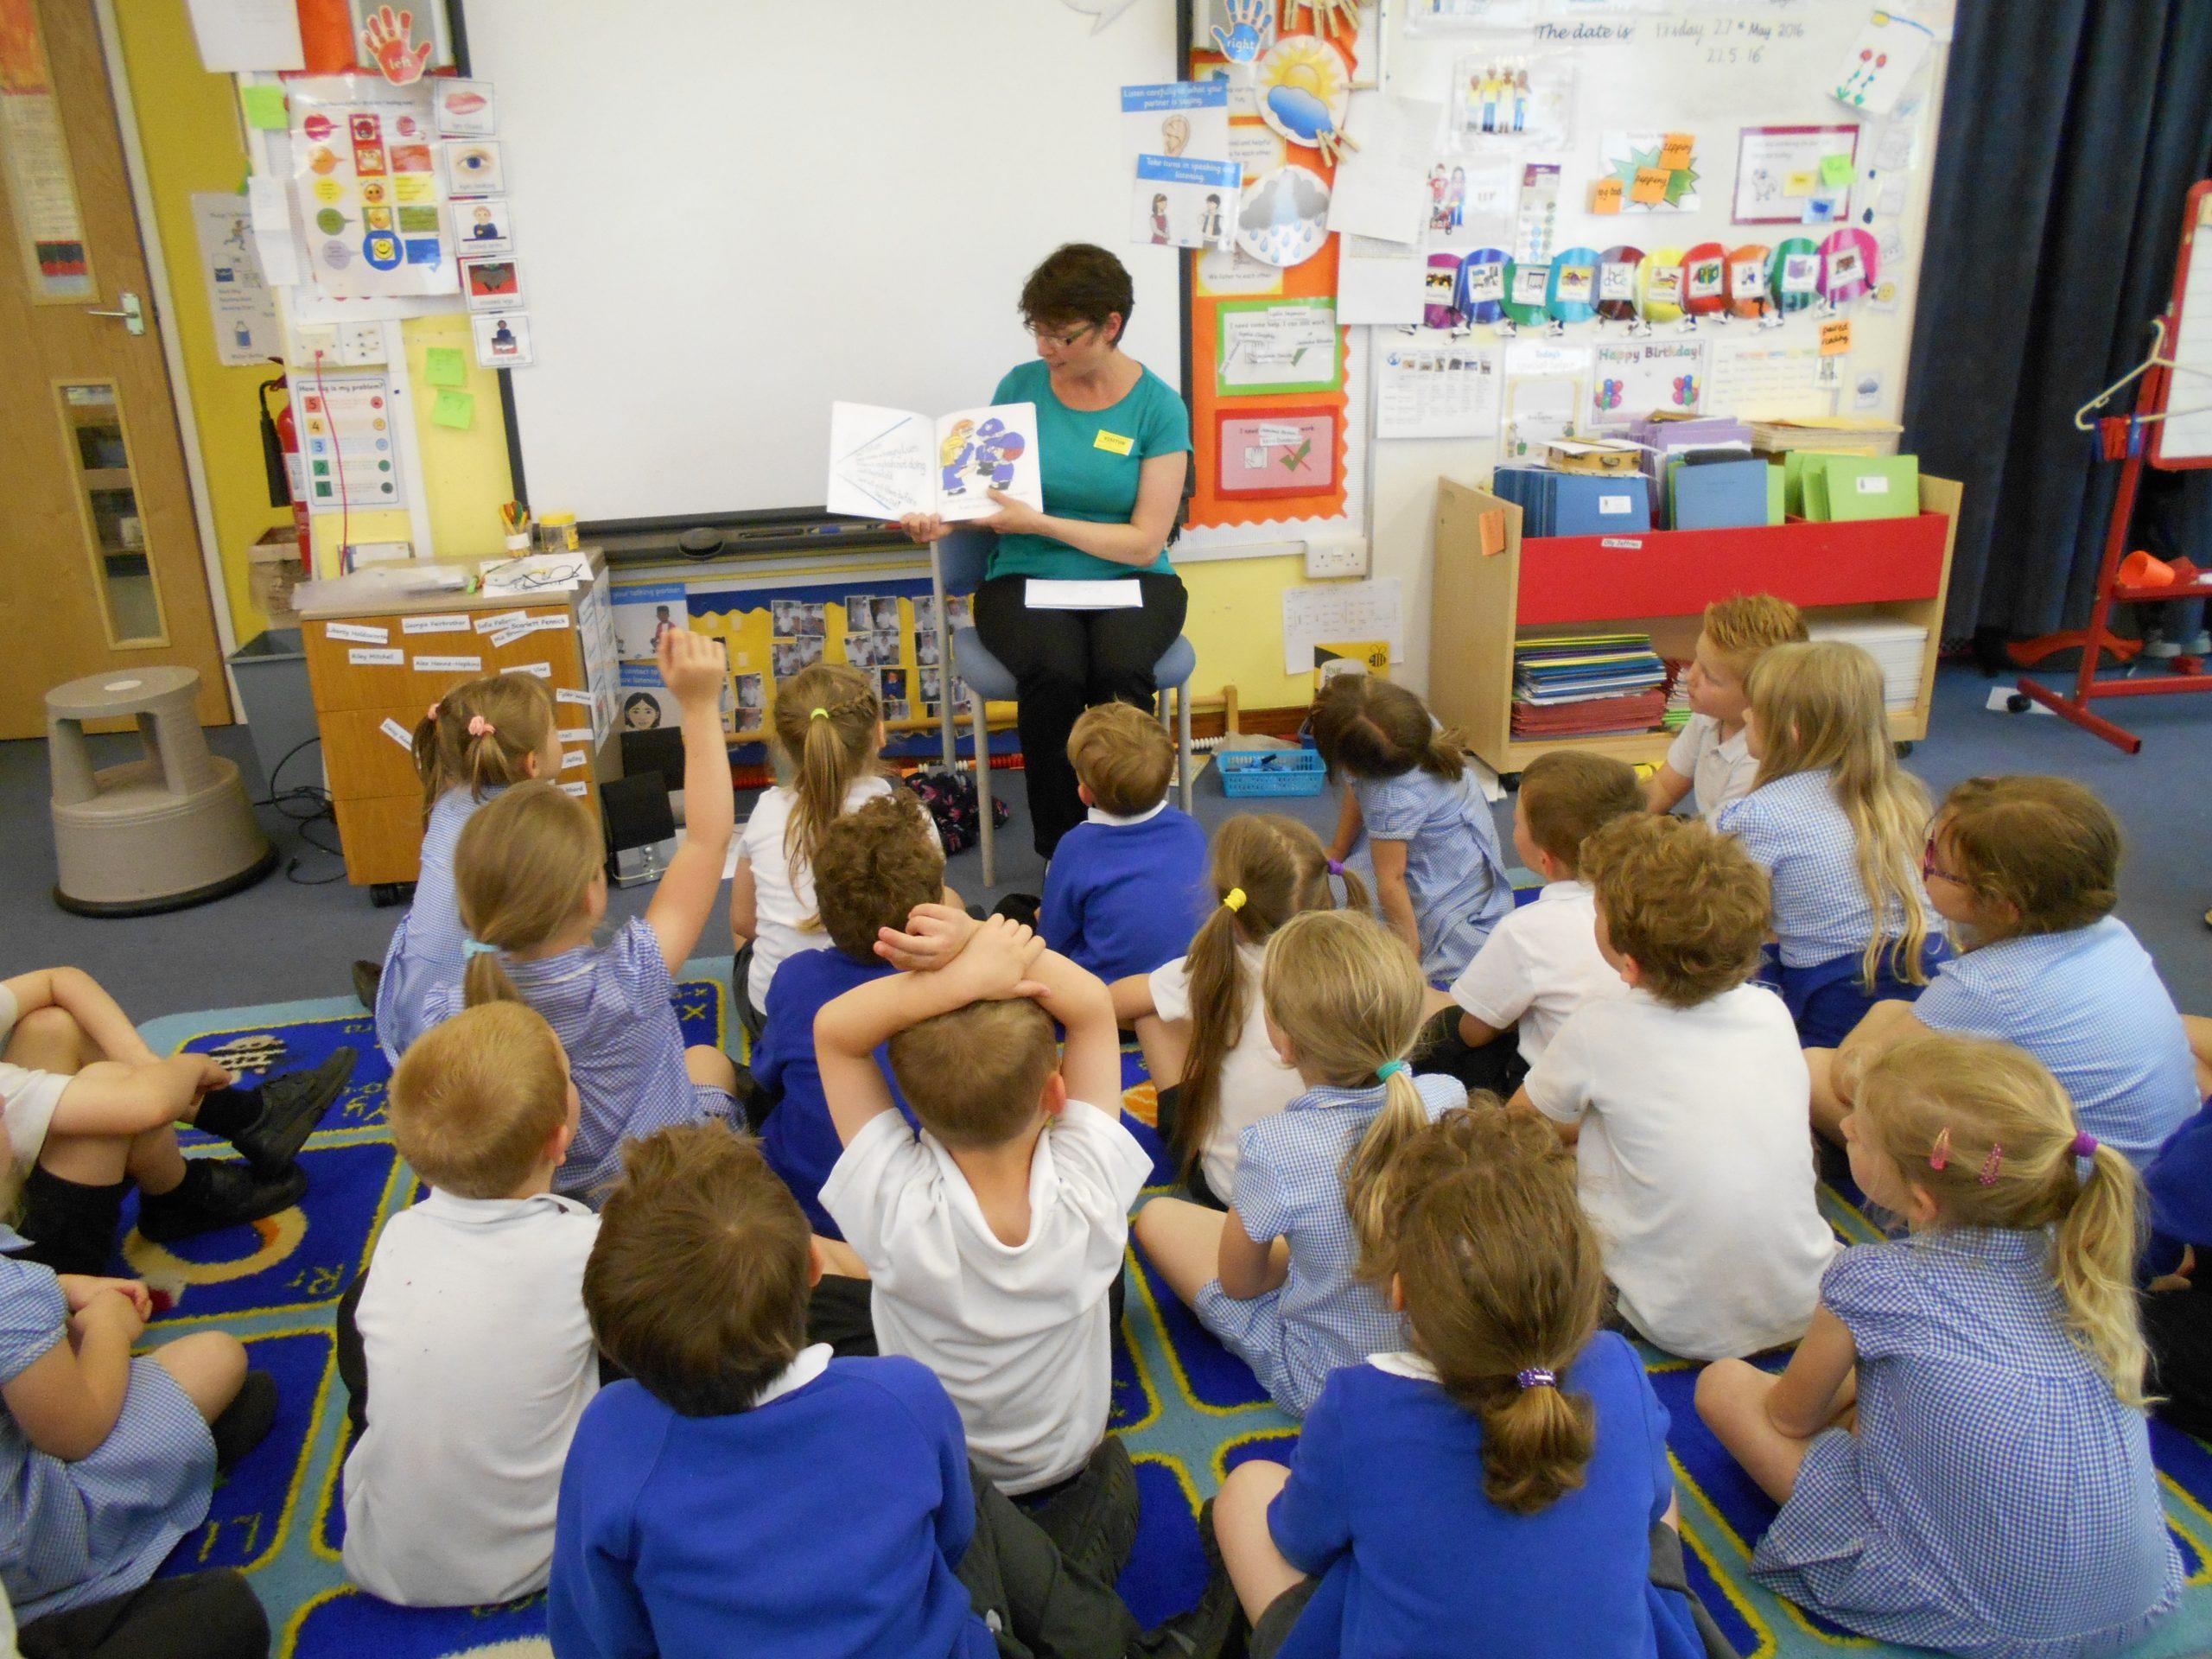 Josie Dom during a school visit